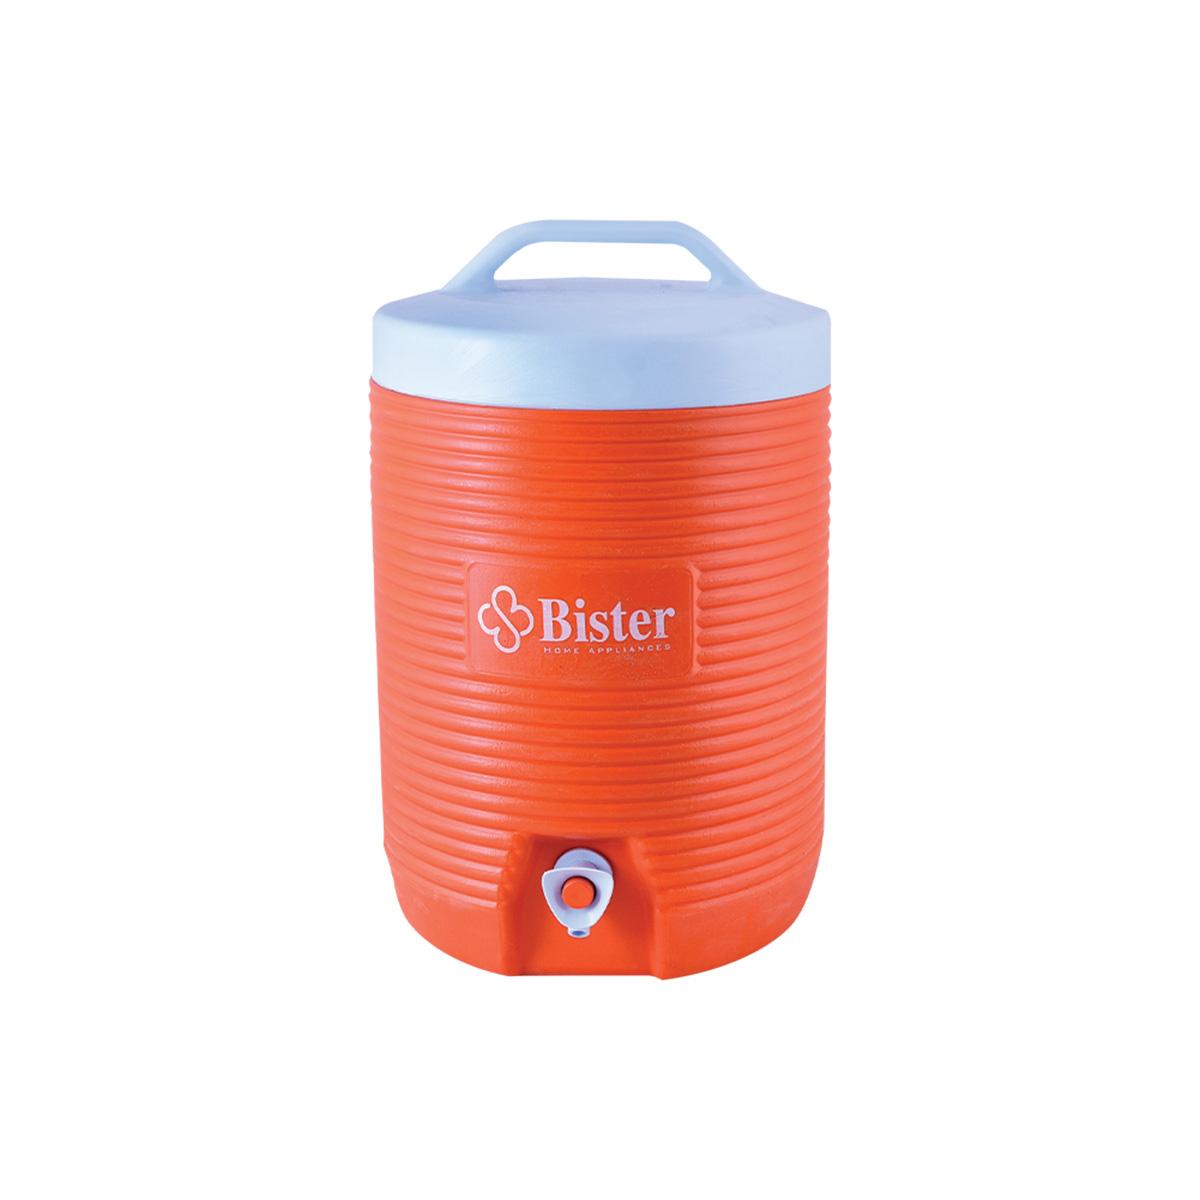 ترمس Bister - حافظة مياه وثلج , 7.8 لتر  , 2 جالون